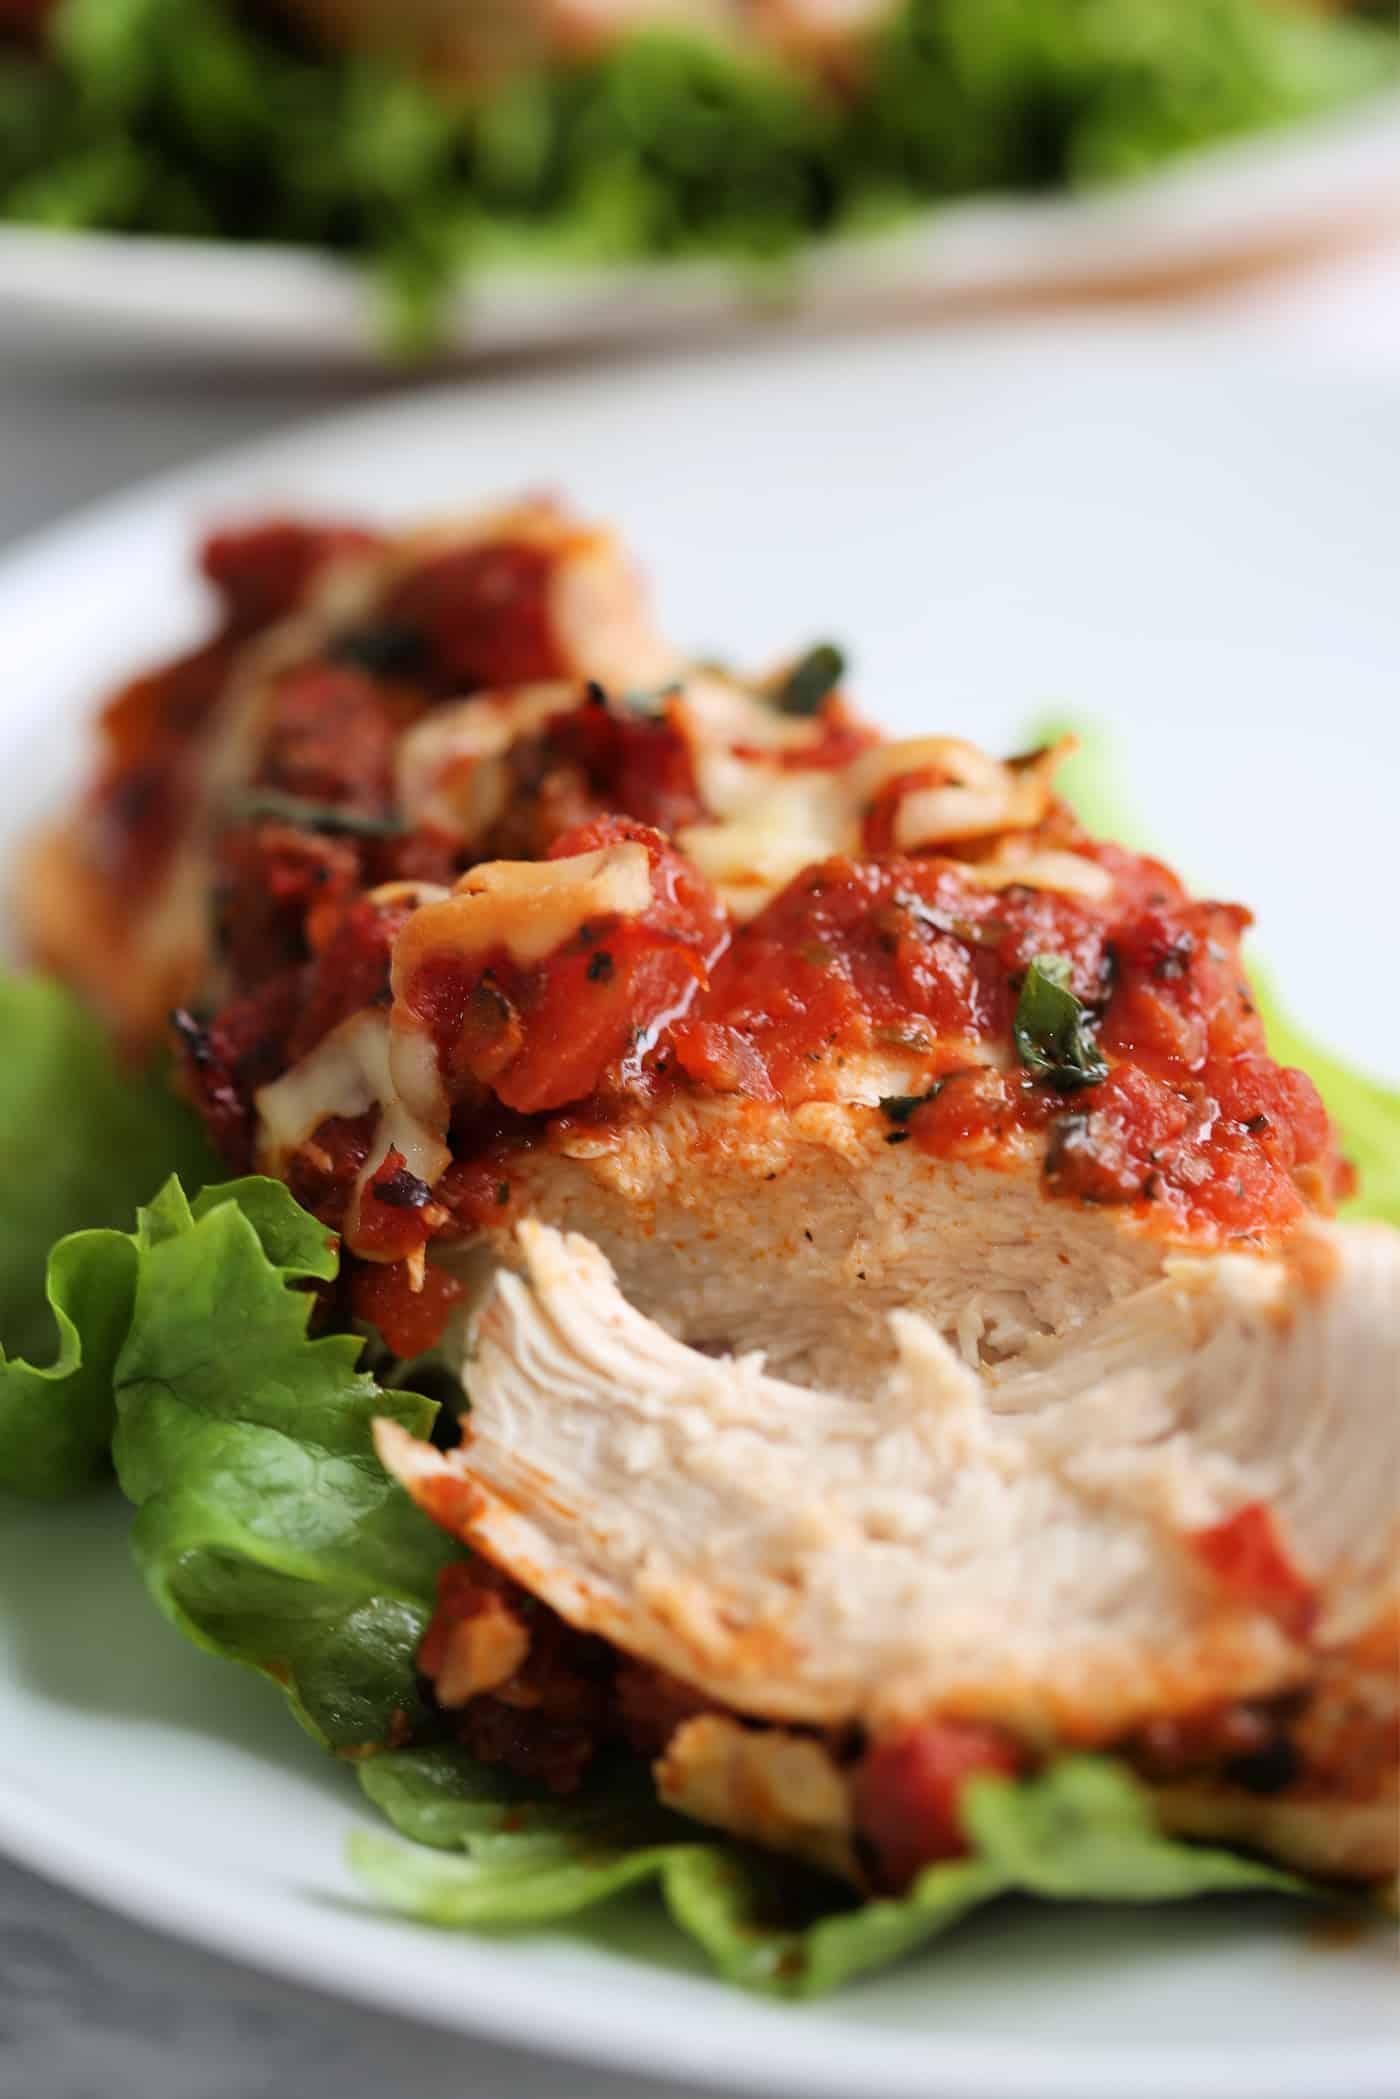 a piece of bruschetta chicken cut open on a plate